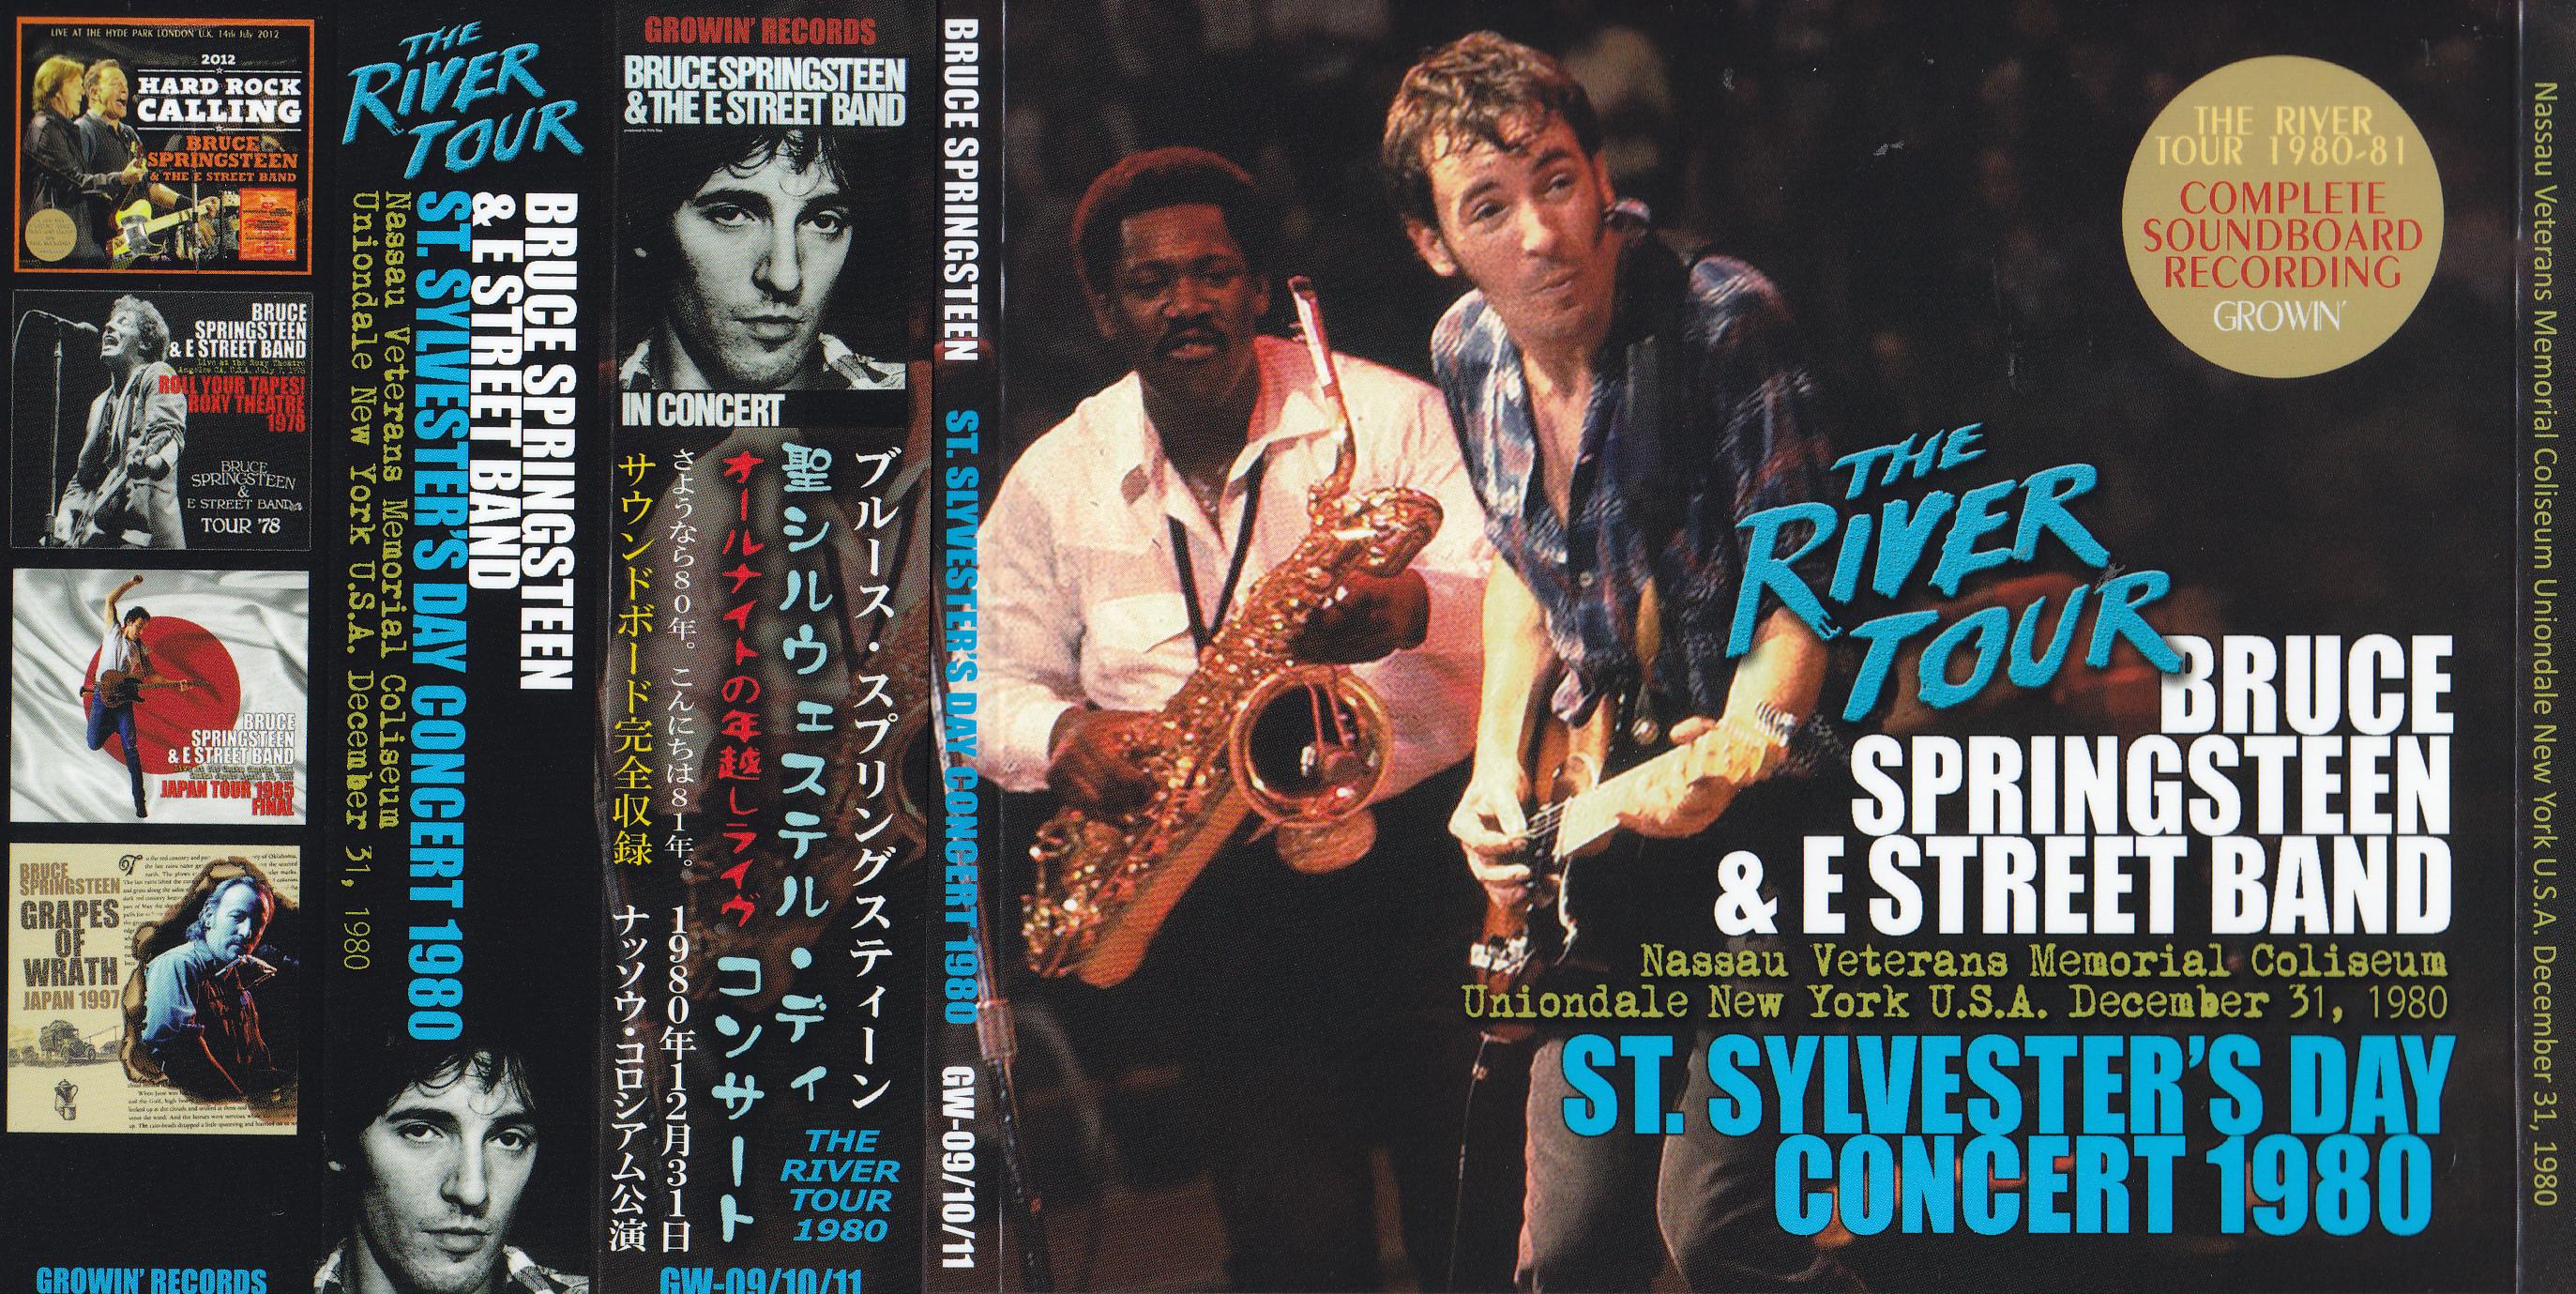 bruce springsteen    st sylvesters day concert 1980    3cd wx obi strip  u2013 giginjapan